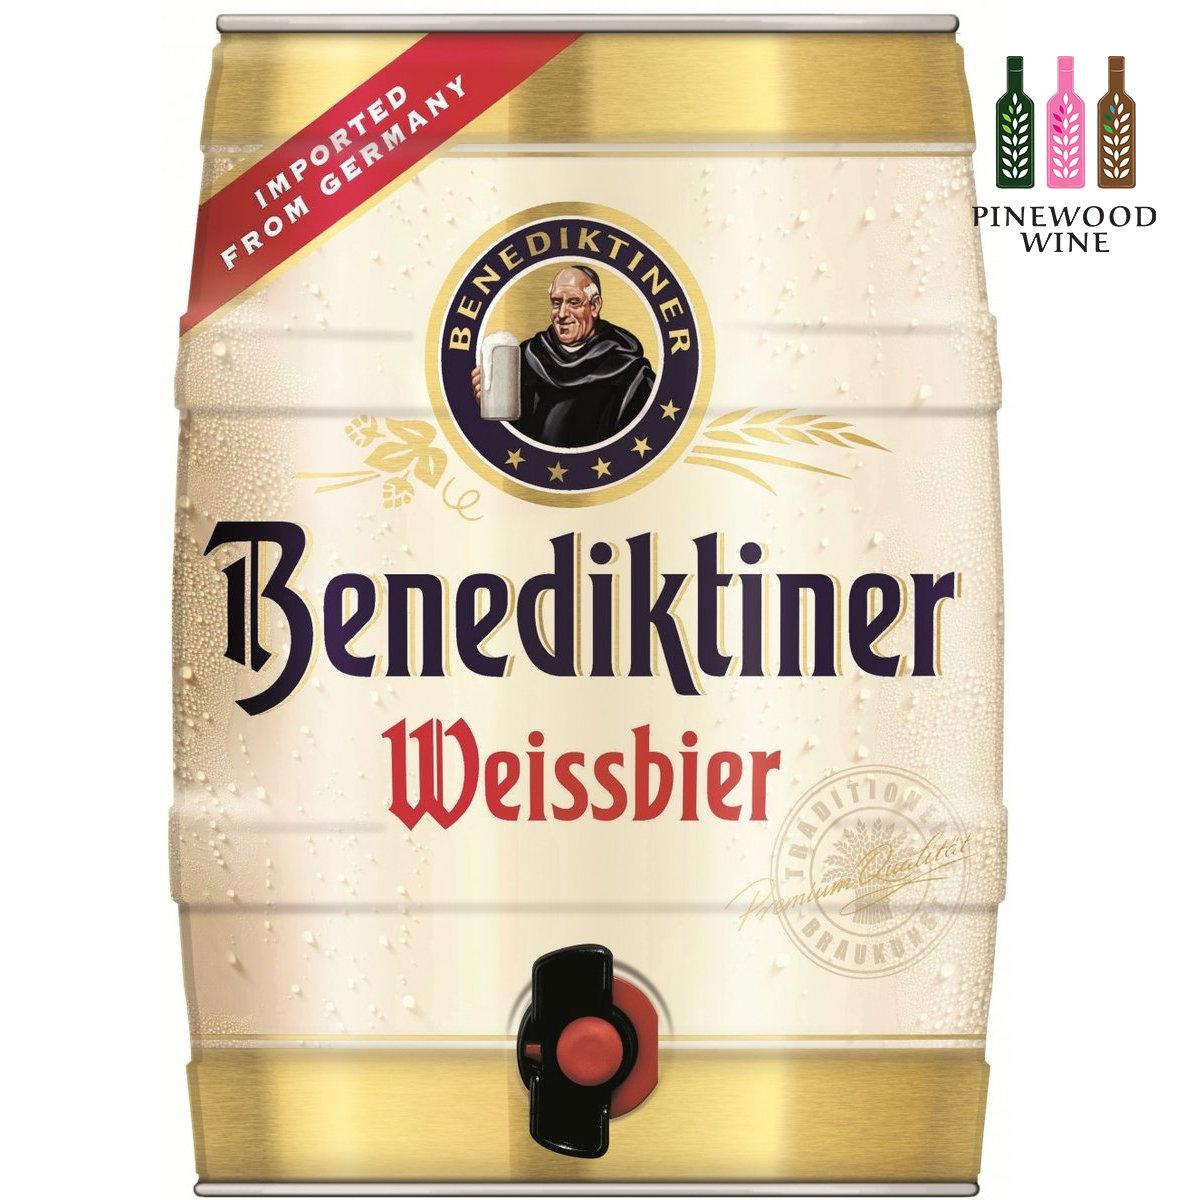 德國原裝進口百帝皇修道院麥啤 5L桶裝